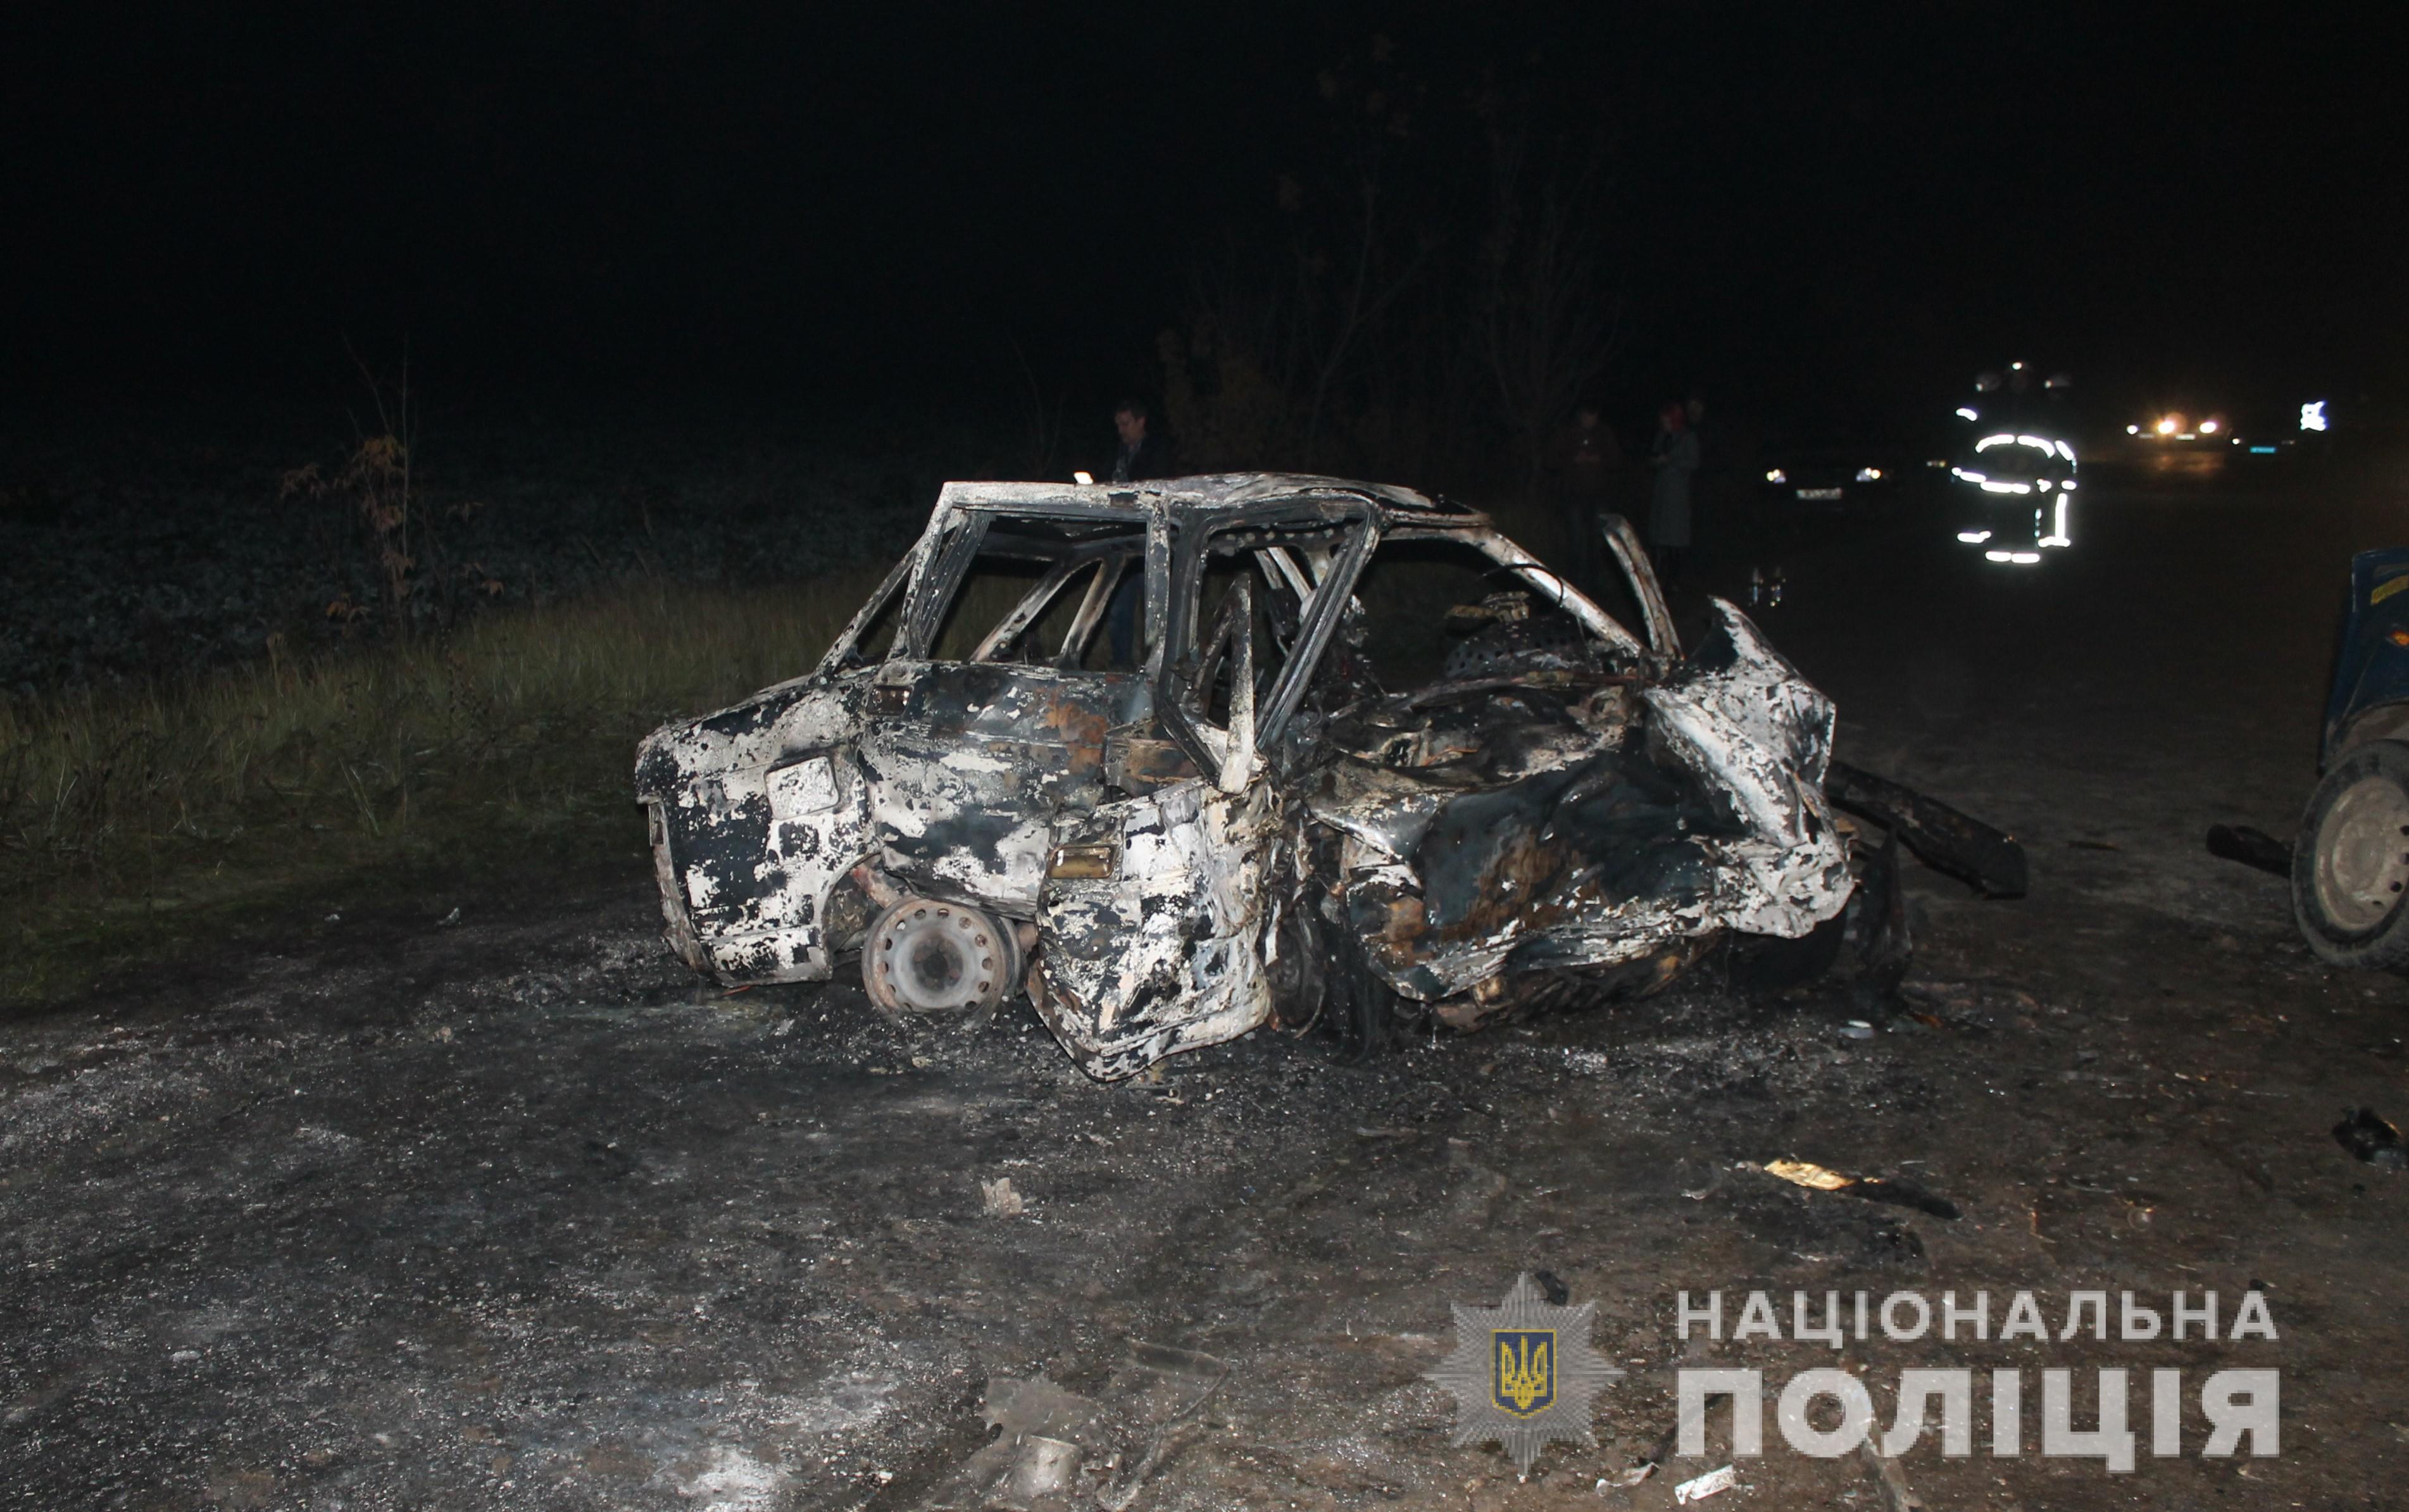 Біля Ладижина сталася смертельна ДТП. Загинуло двоє людей (Фото)